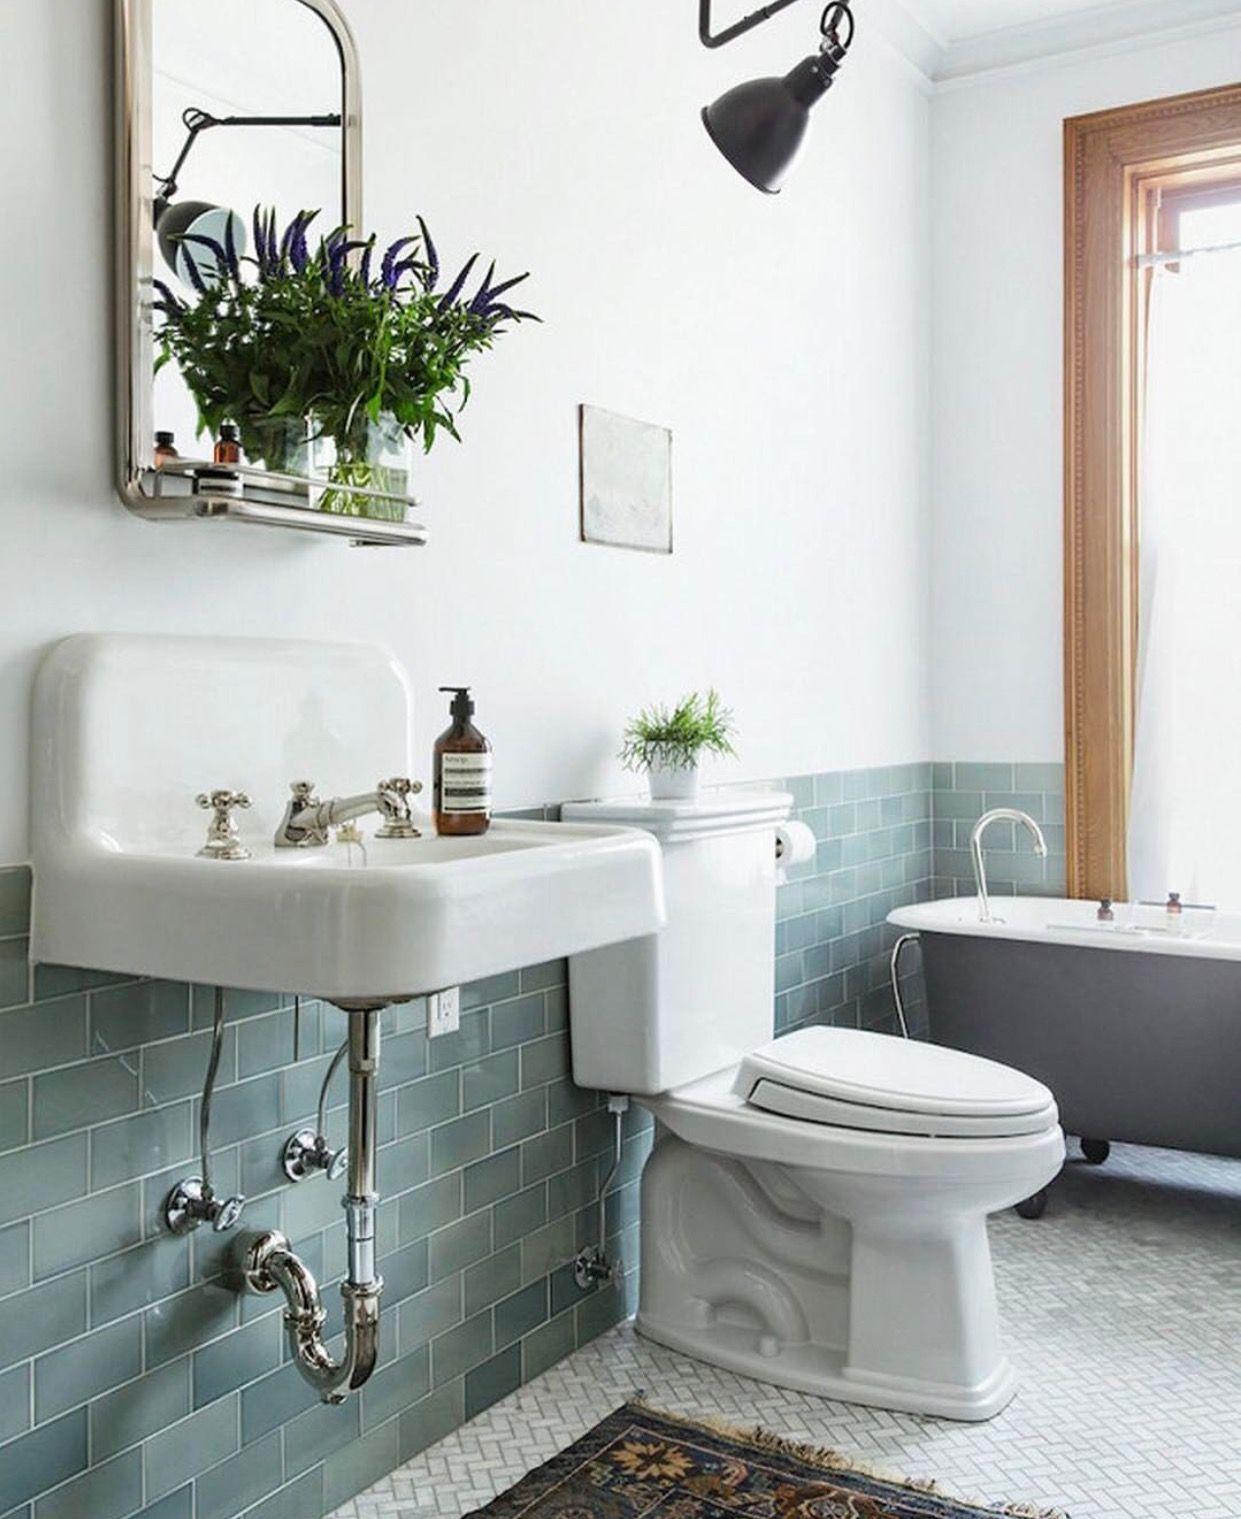 Pin Von Amanda Be Auf Badewannen Vintage Badezimmer Badezimmer Renovieren Bad Inspiration